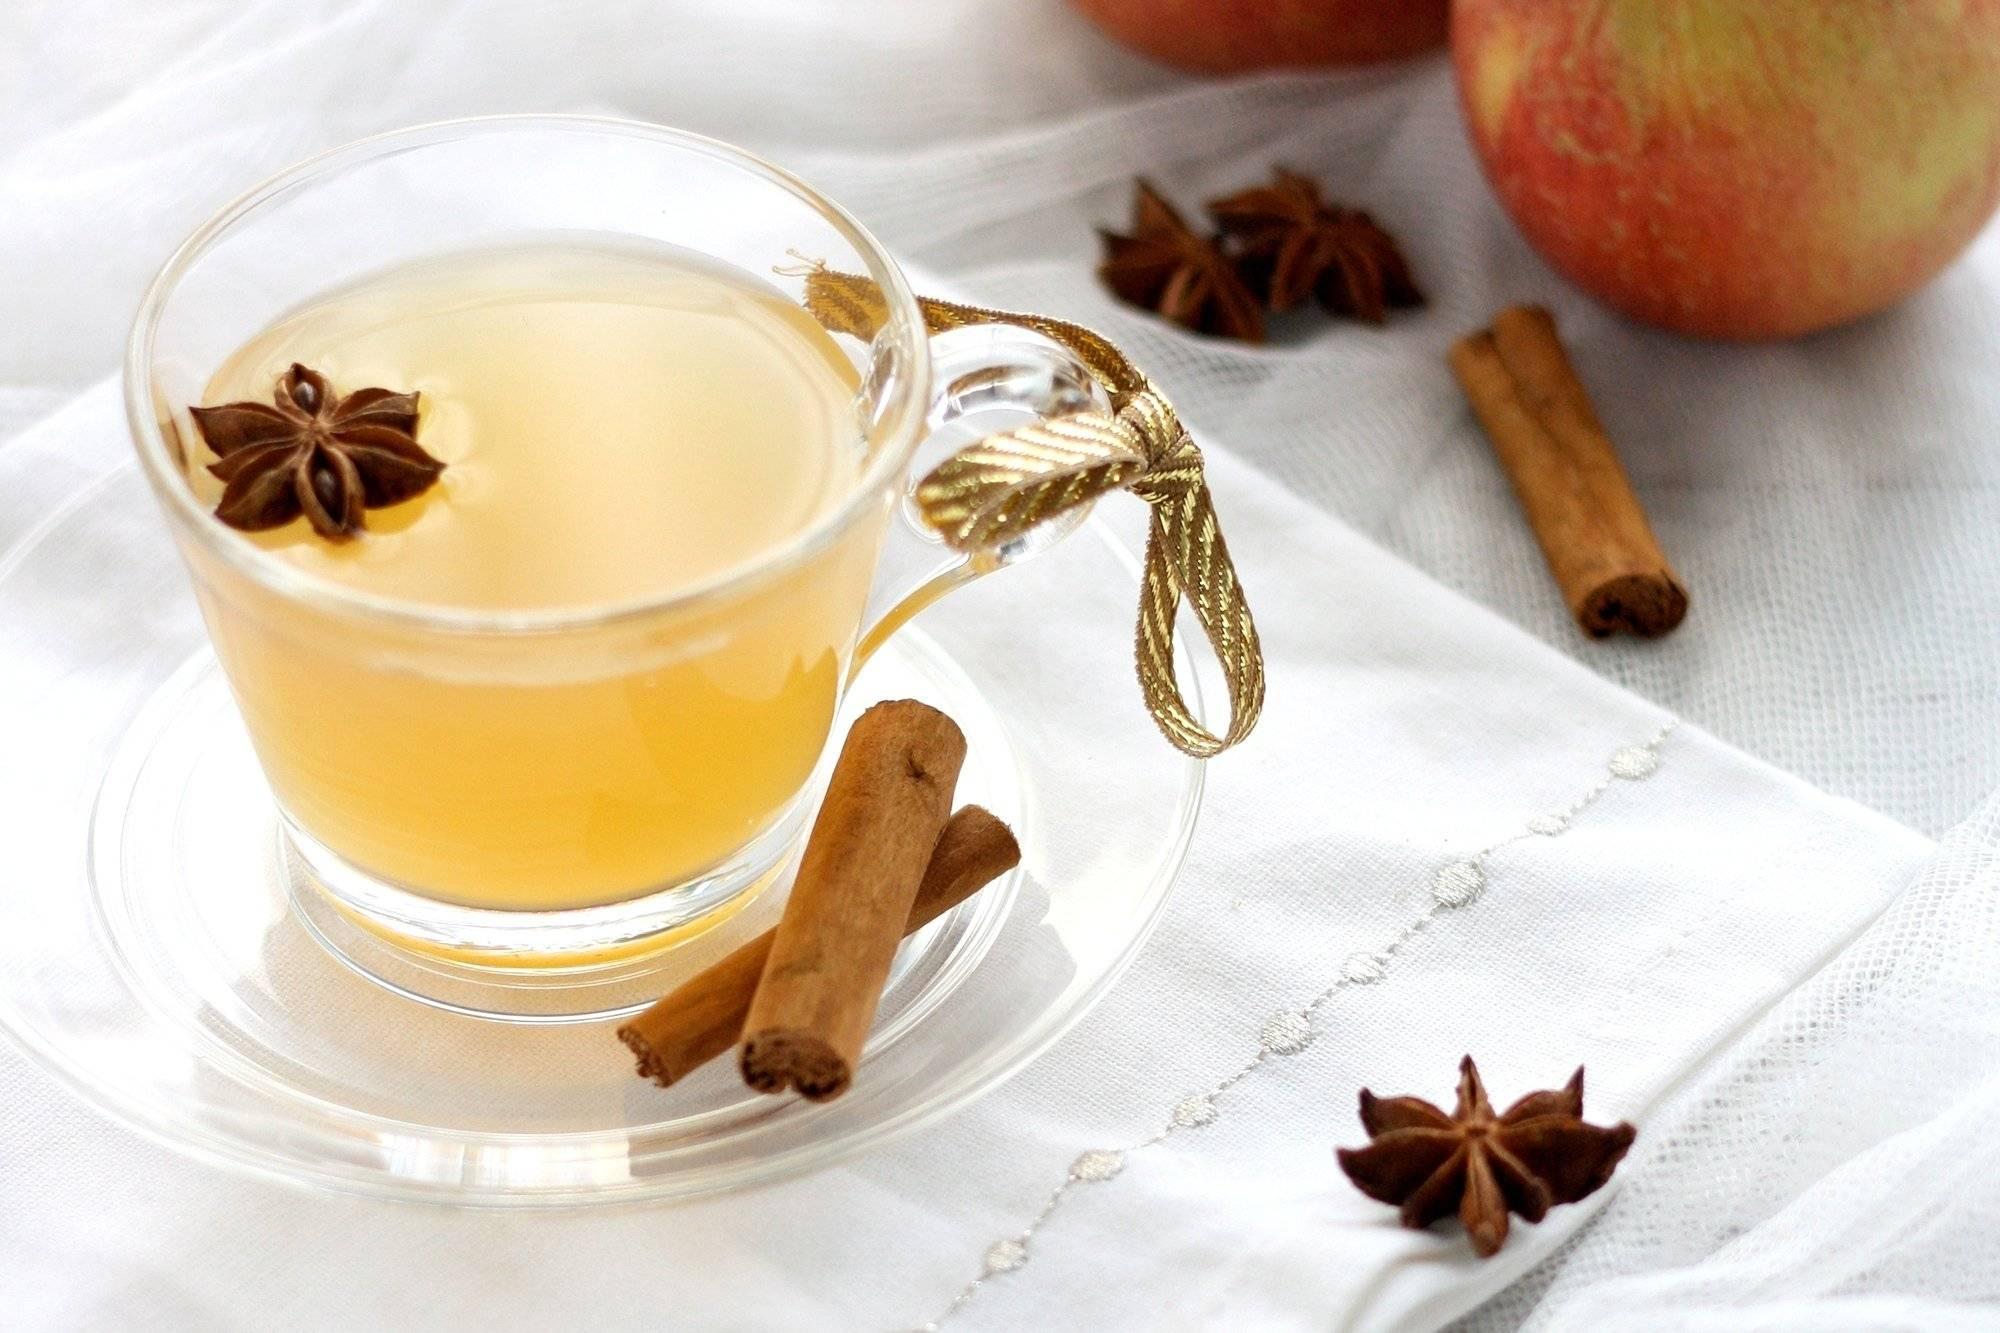 Польза чая с корицей для организма и возможный вред   народная медицина   dlja-pohudenija.ru